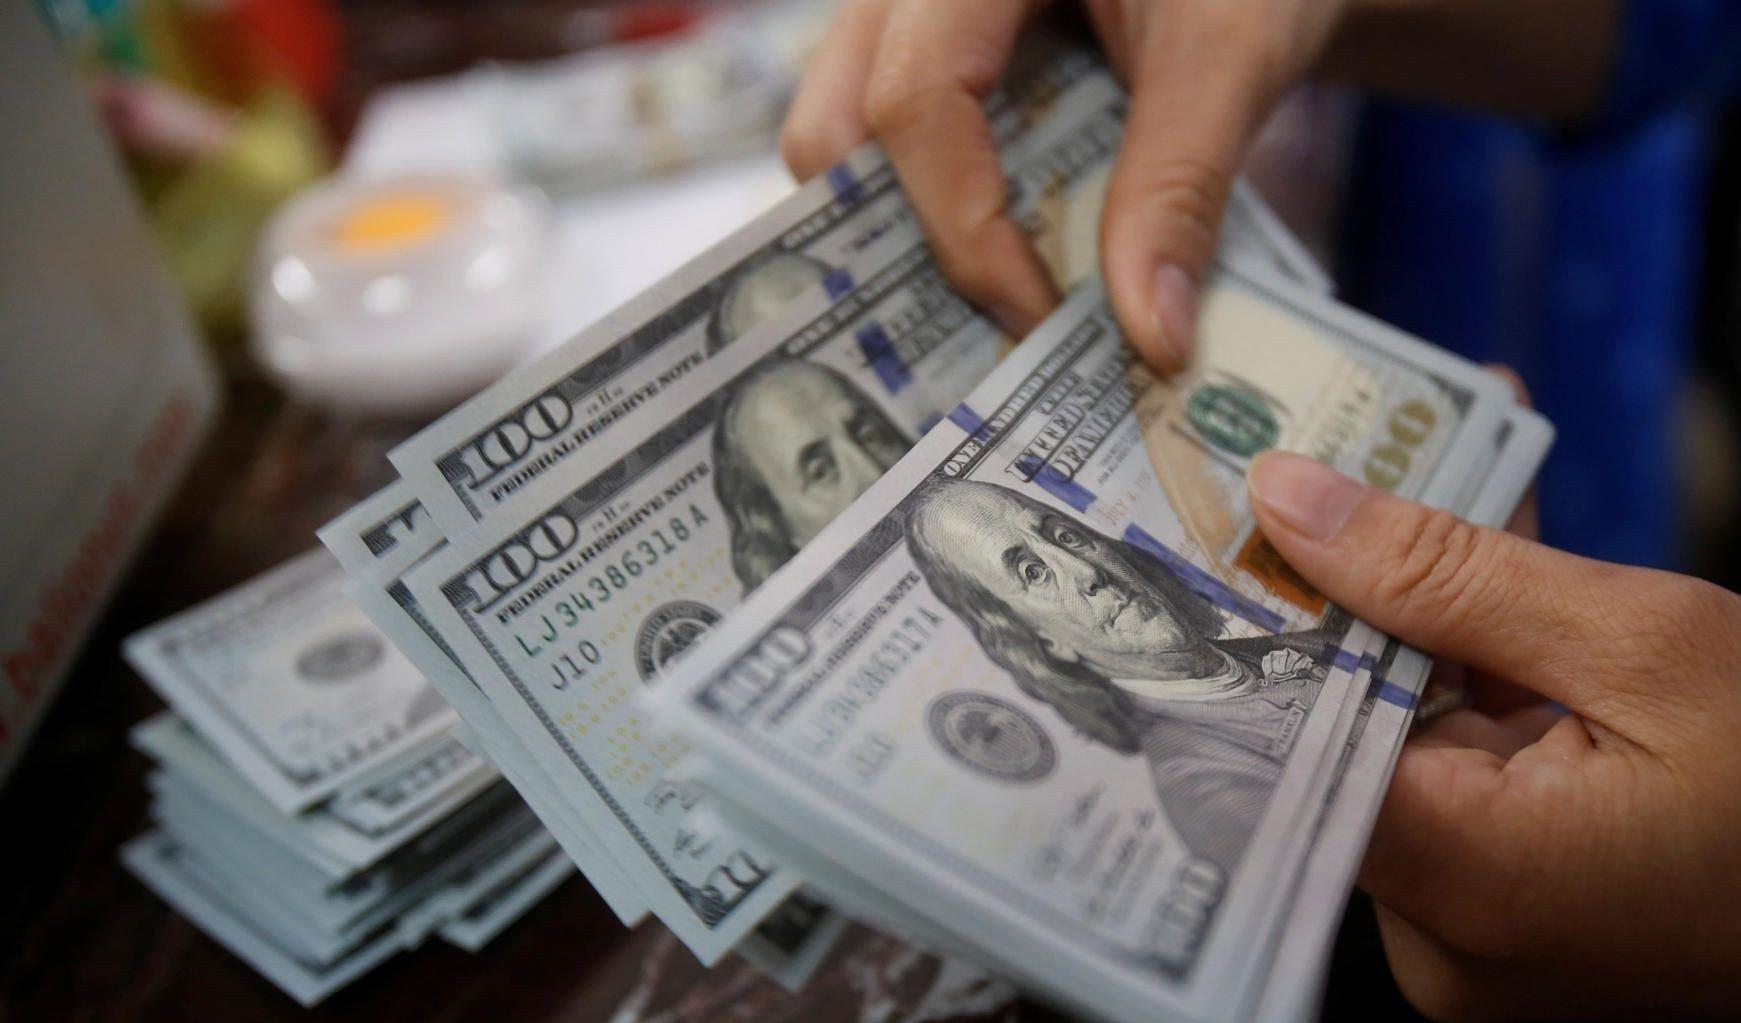 تحركات جديدة في سعر الدولار الآن بالبنوك تماشياً مع مؤشرات البنك المركزي لأسعار الدولار الأمريكي 16